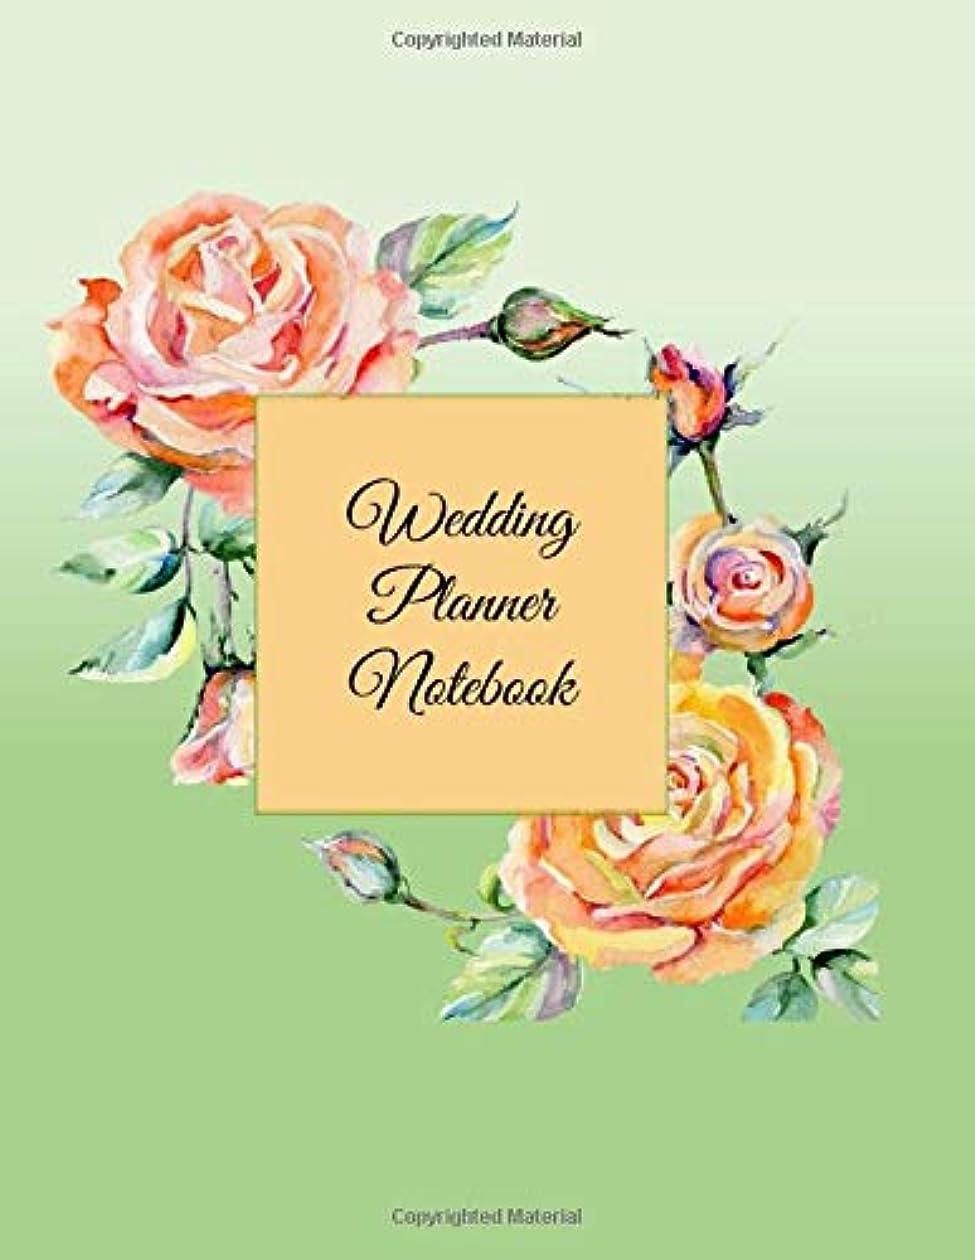 光電火星煙突Wedding Planner Notebook: Large Size Journal - Ultimate Planning Helper - Checklists - Aide Memoir Sheets - Monthly/Weekly Reminders - Pale Green & Roses Cover